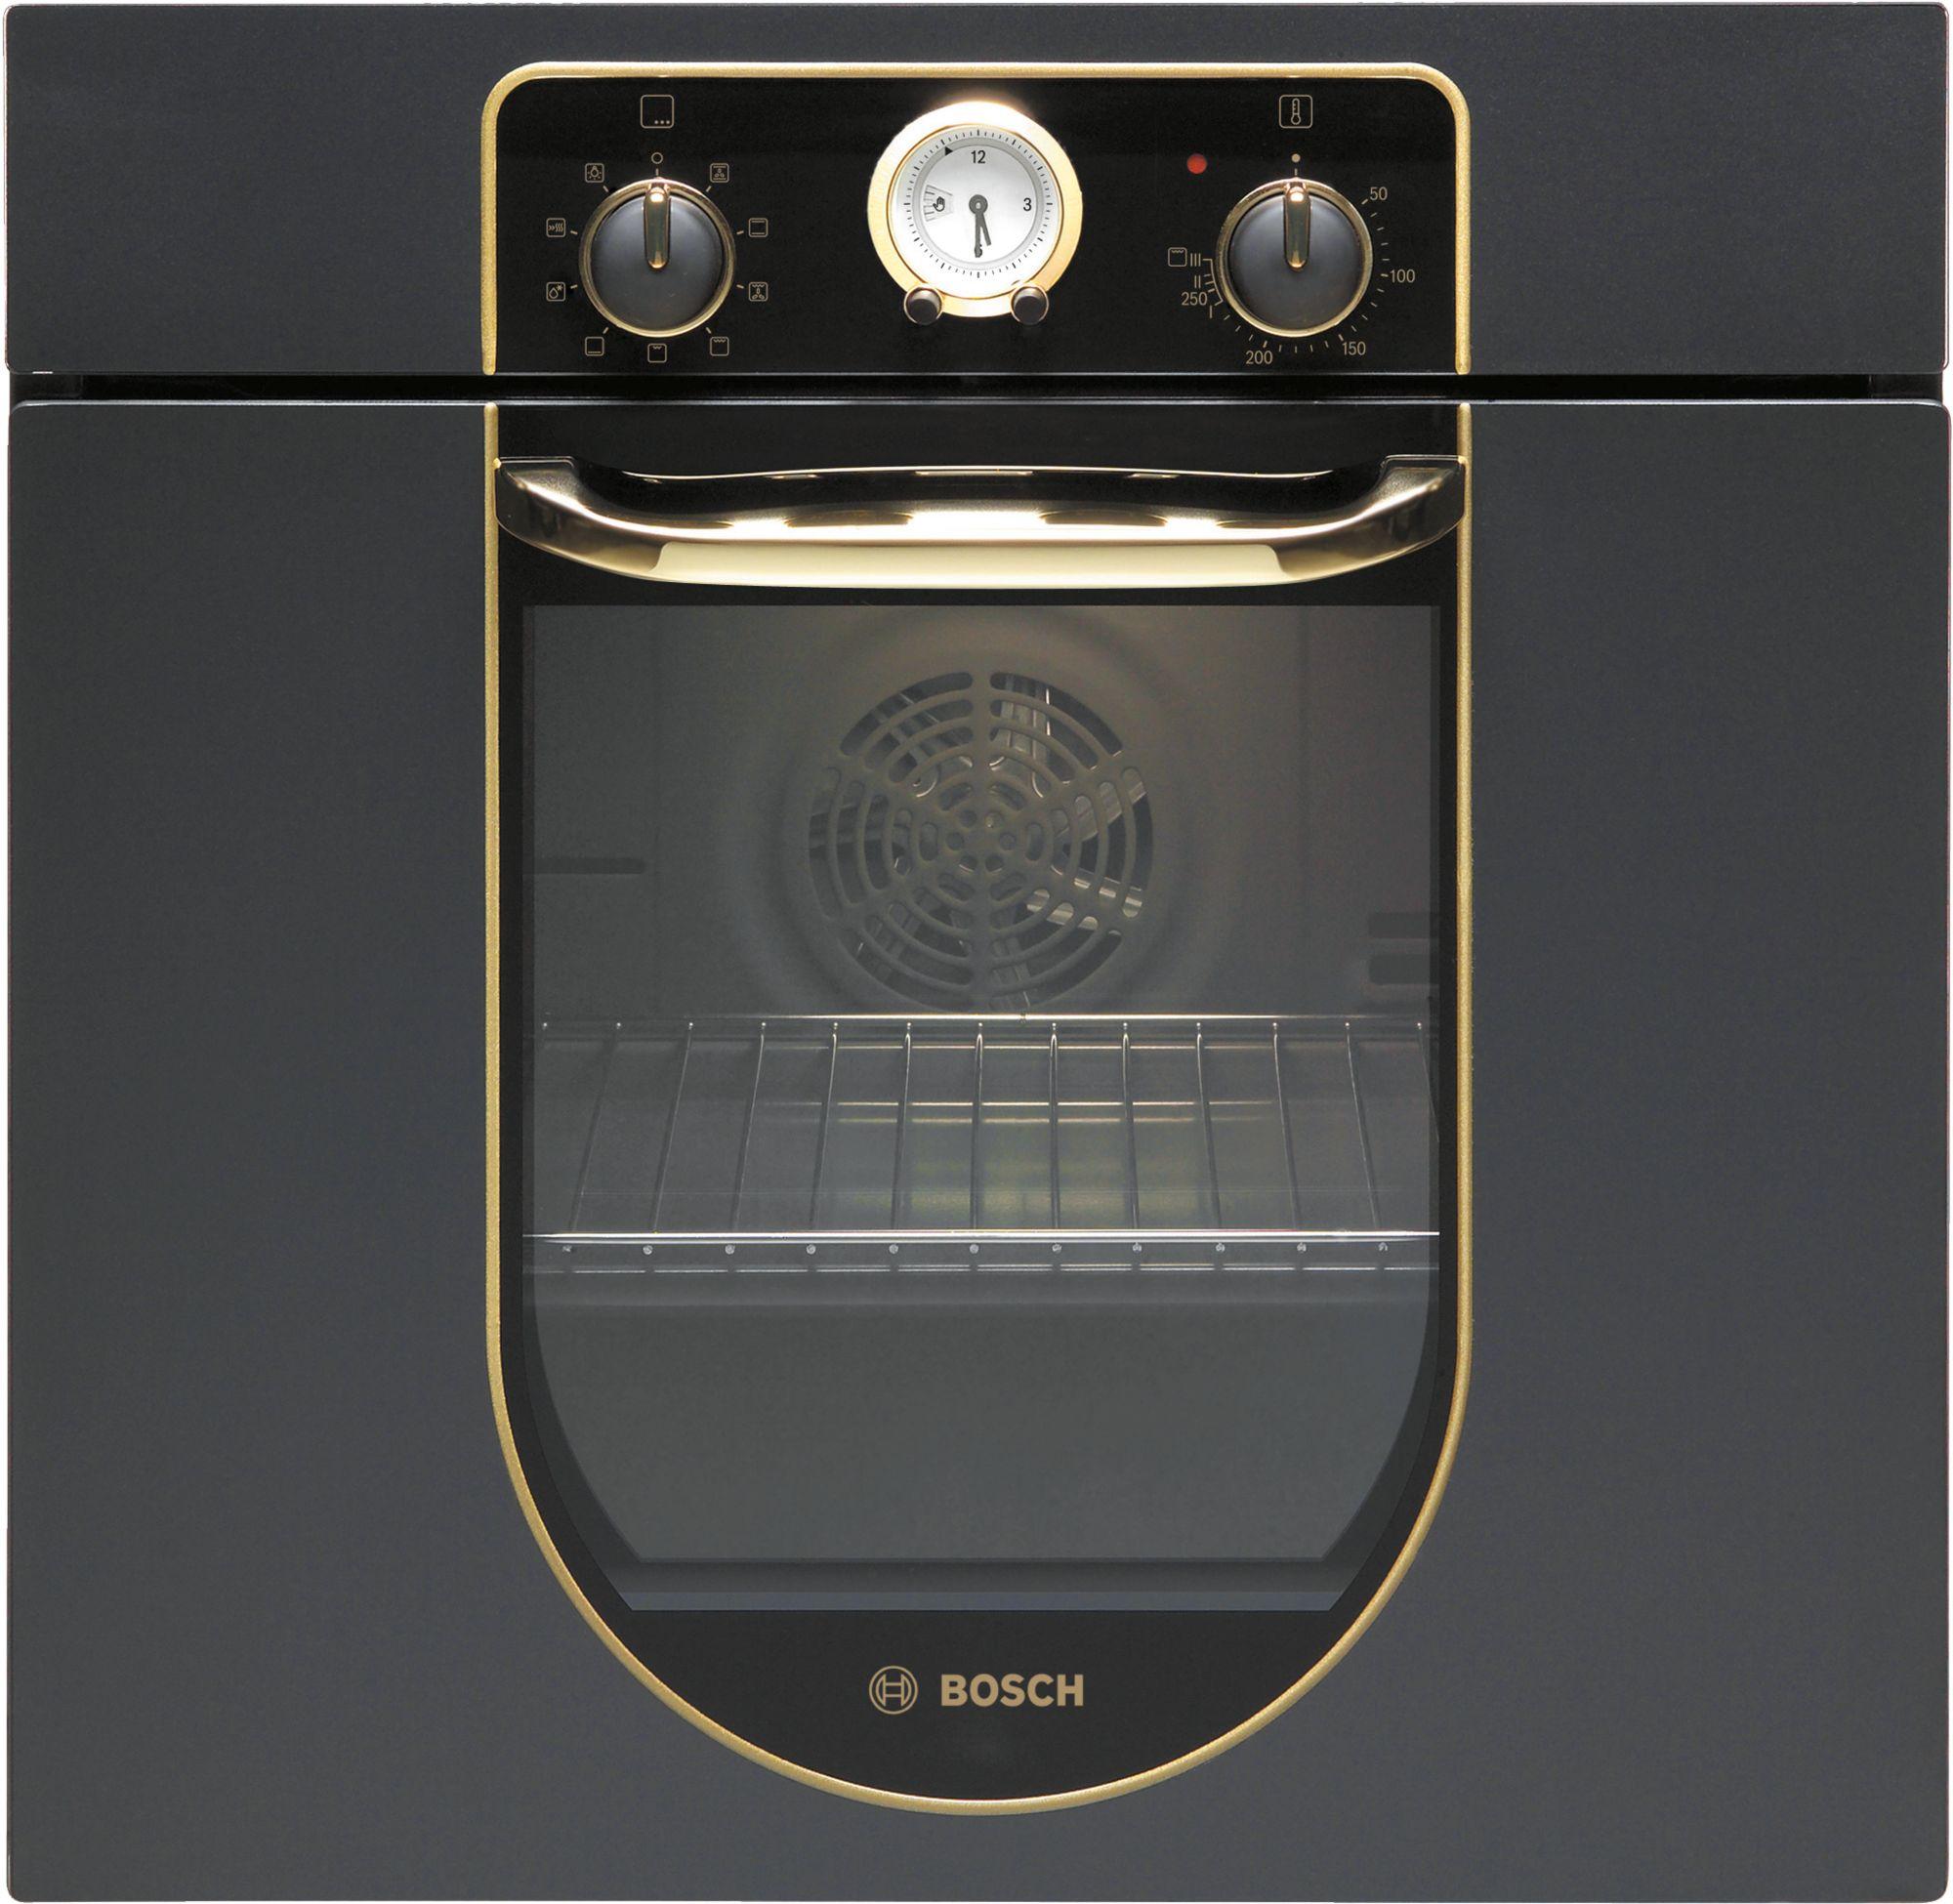 Lò Nướng Bosch HBA23BN61, lò nướng, lo nuong, lò nướng Bosch, lò nướng âm tủ, lò nướng âm tủ giá rẻ tại Hà Nội, lò nướng giá rẻ, lò nướng âm tủ giá rẻ, lò nướng âm tủ nhập khẩu